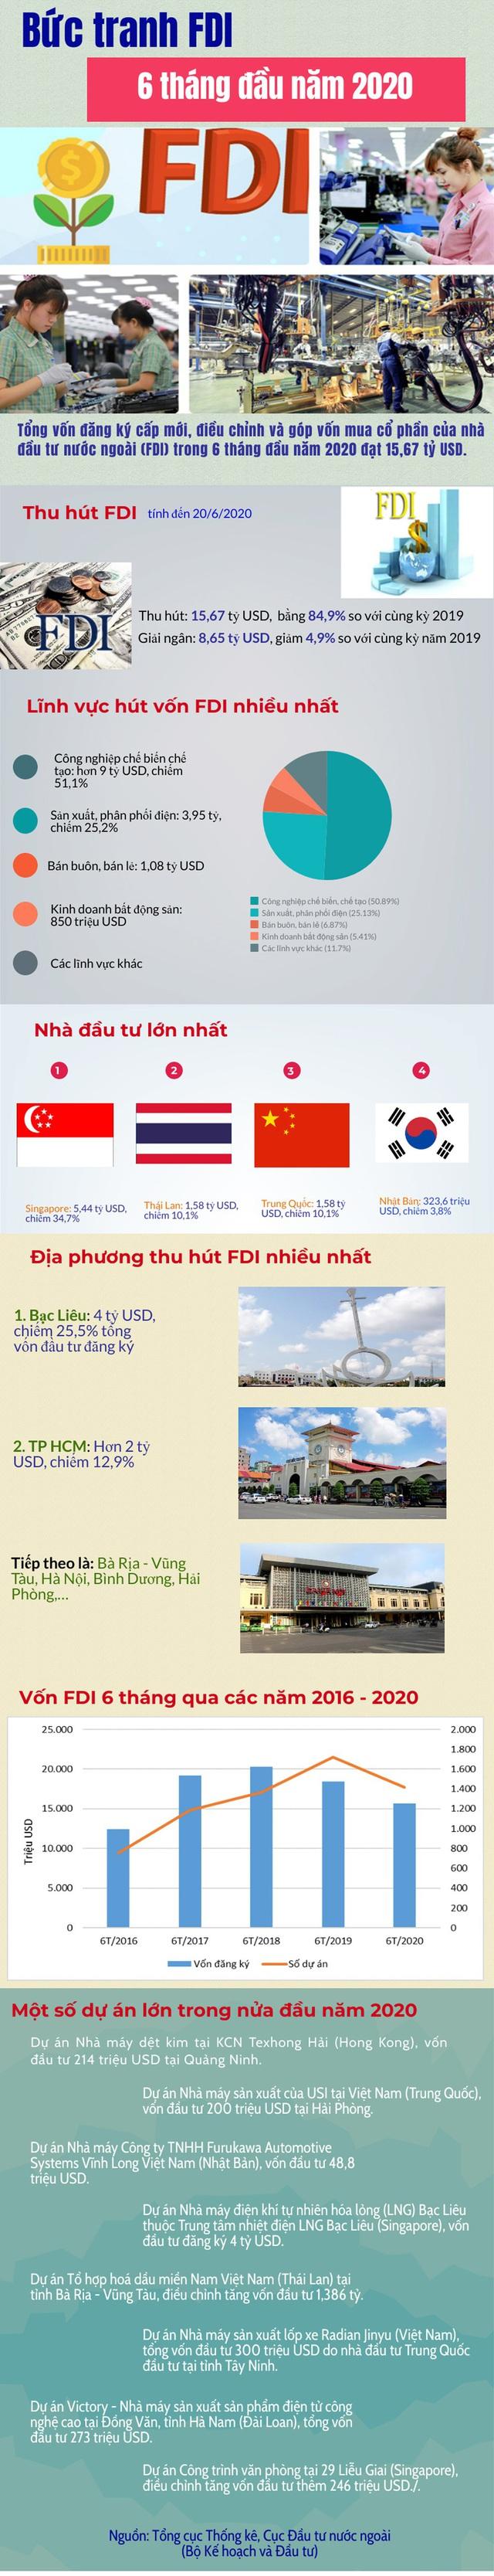 Những nét nổi bật trong bức tranh FDI 6 tháng đầu năm 2020 - Ảnh 1.